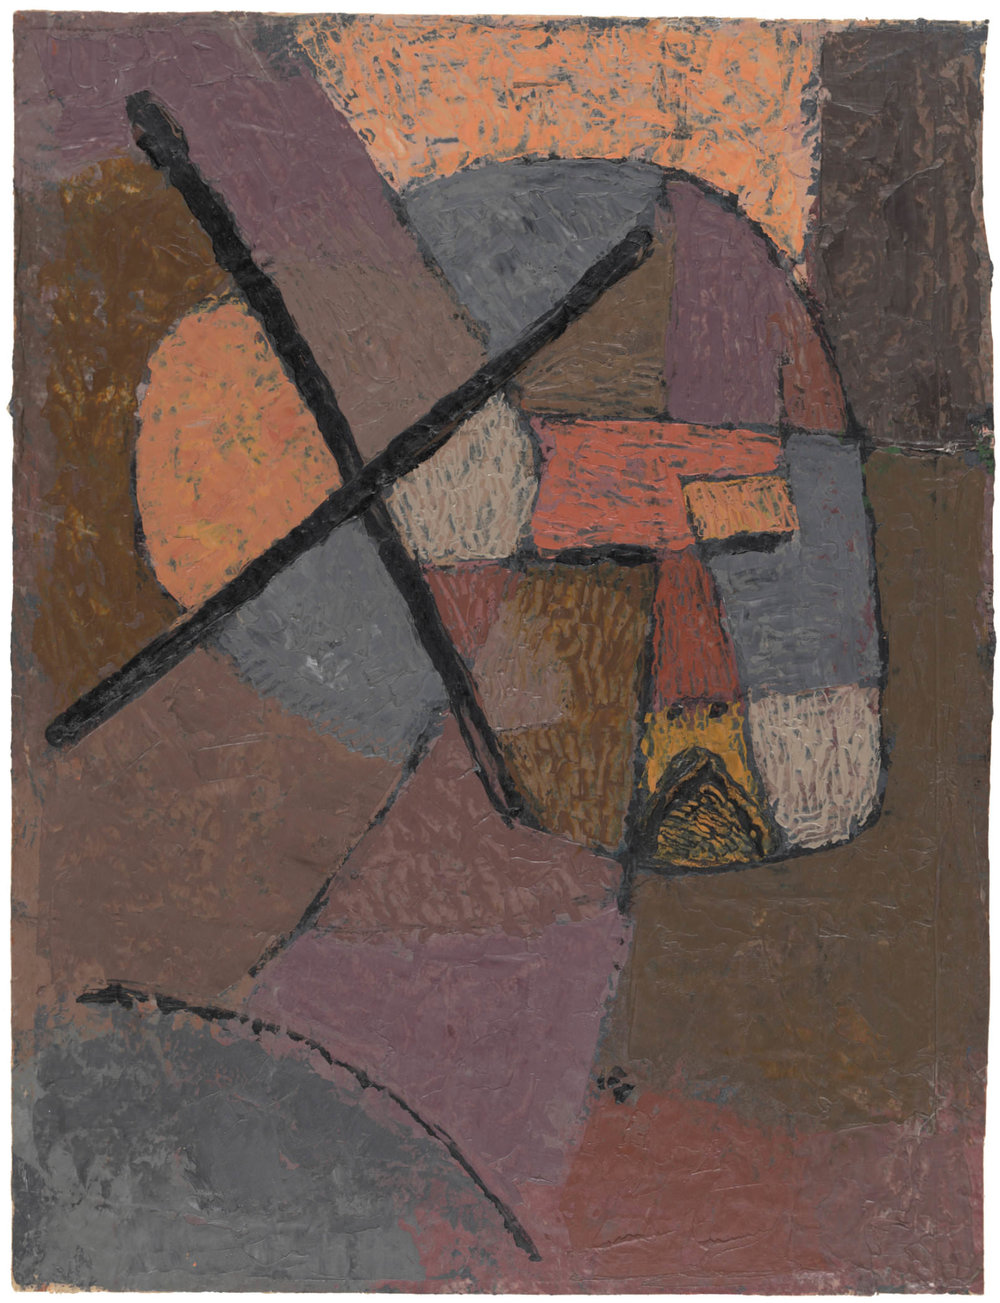 Abb.1  Paul Klee   von der Liste gestrichen , 1933, 424 (G 4), Ölfarbe auf Papier auf Karton , 31,5 x 24 cm, Zentrum Paul Klee, Bern, Schenkung Livia Klee  © Zentrum Paul Klee, Bern, Bildarchiv